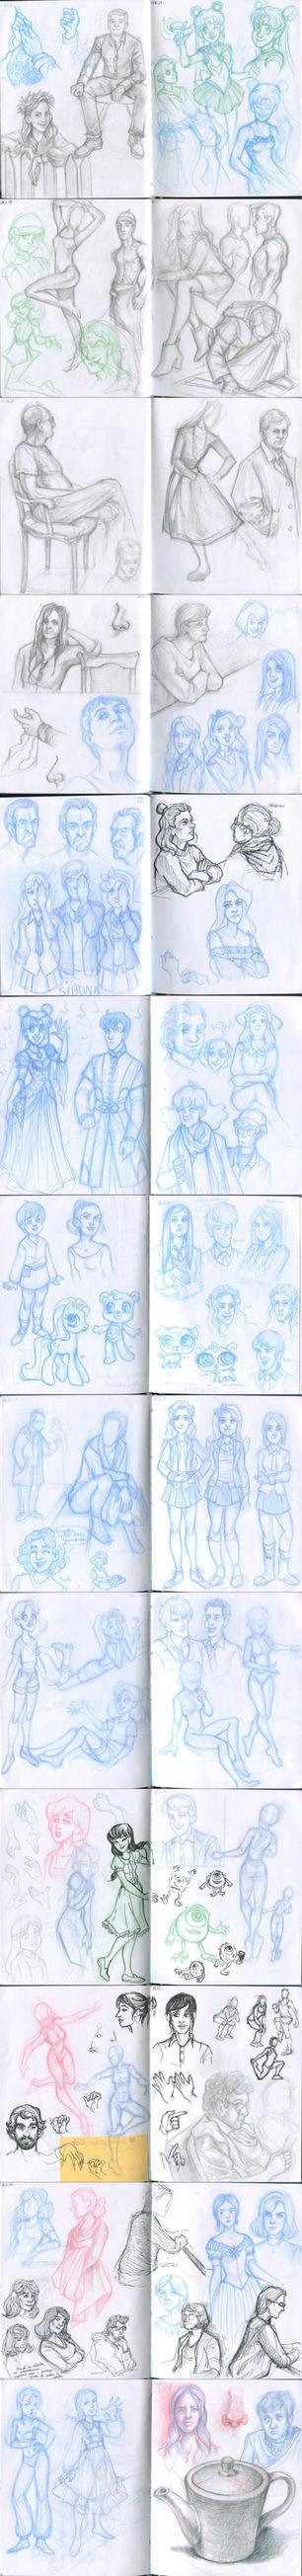 My sketchbook 40 by Annorelka